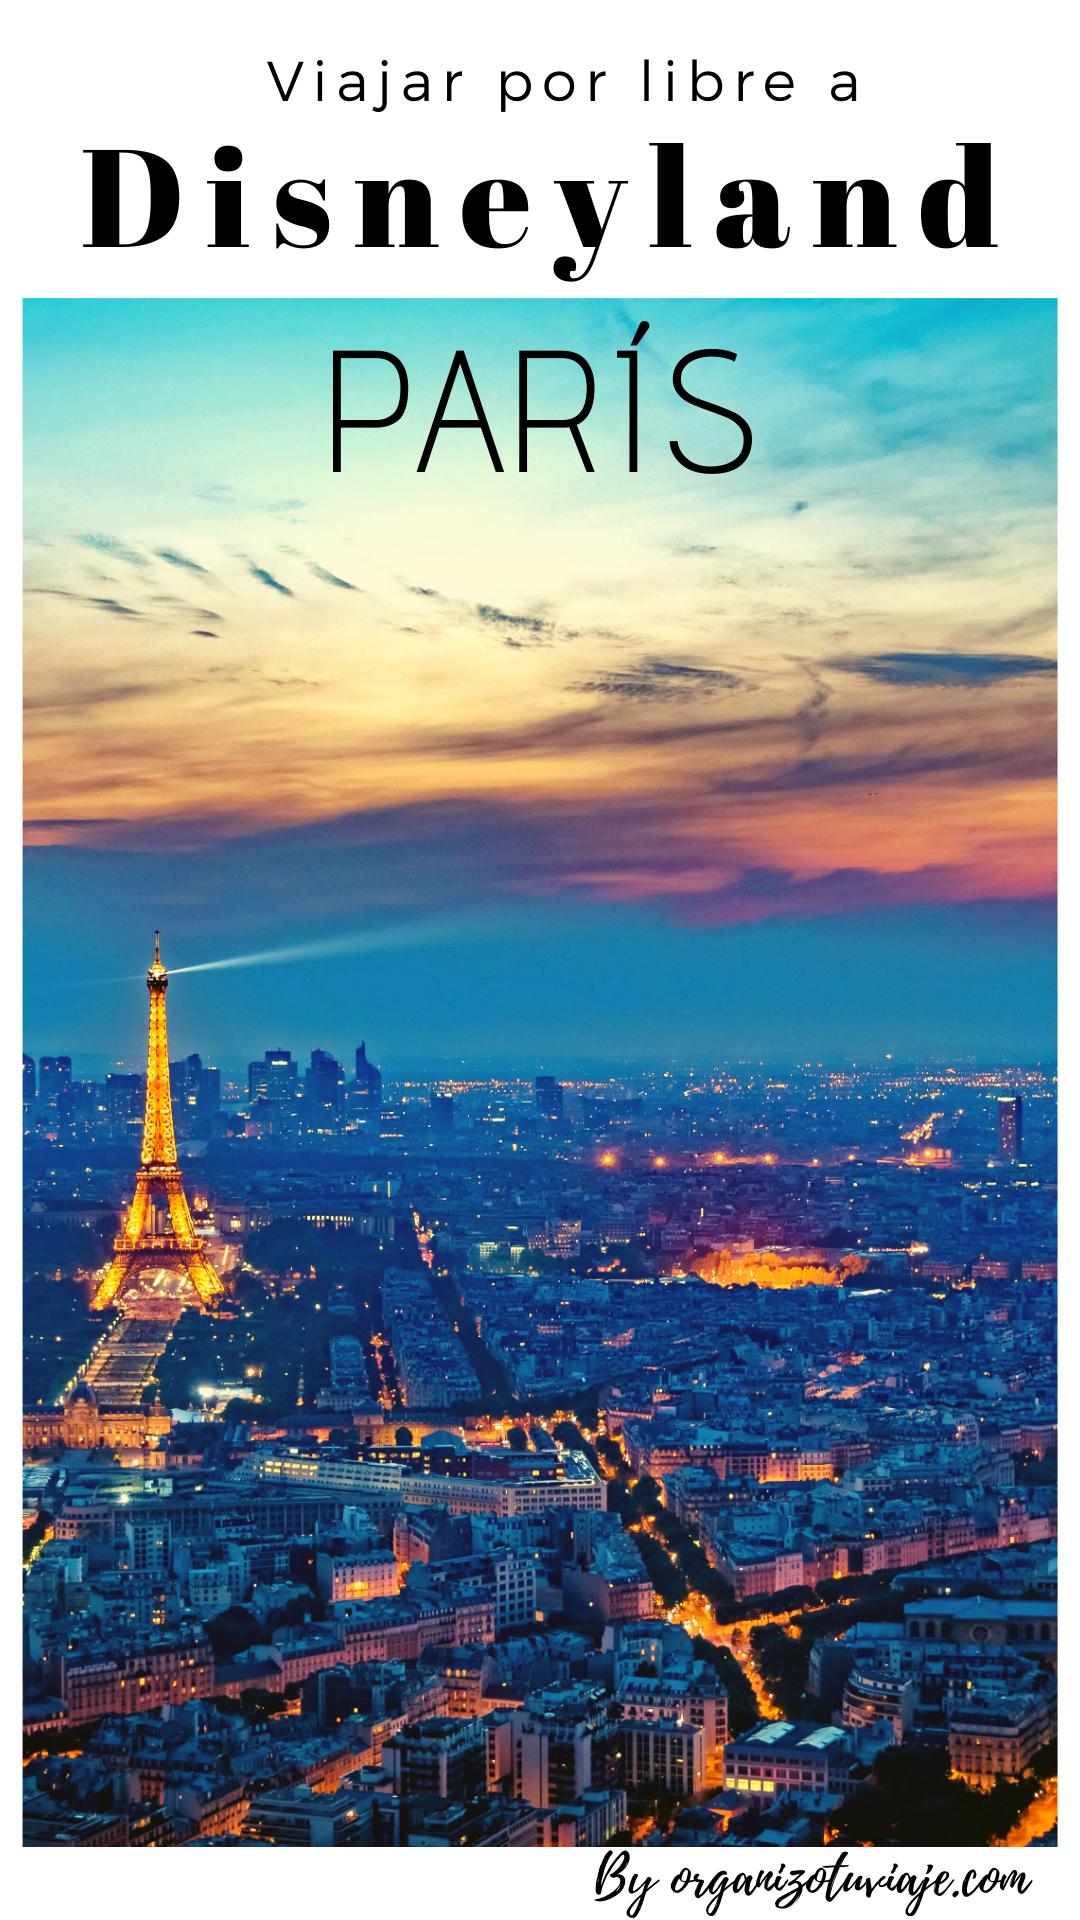 Pin De Daniela Y Pablo Travel En Blogs De Viajes En Español En 2021 Viaje A Disneyland Disneyland París Viaje A Disneyland Paris